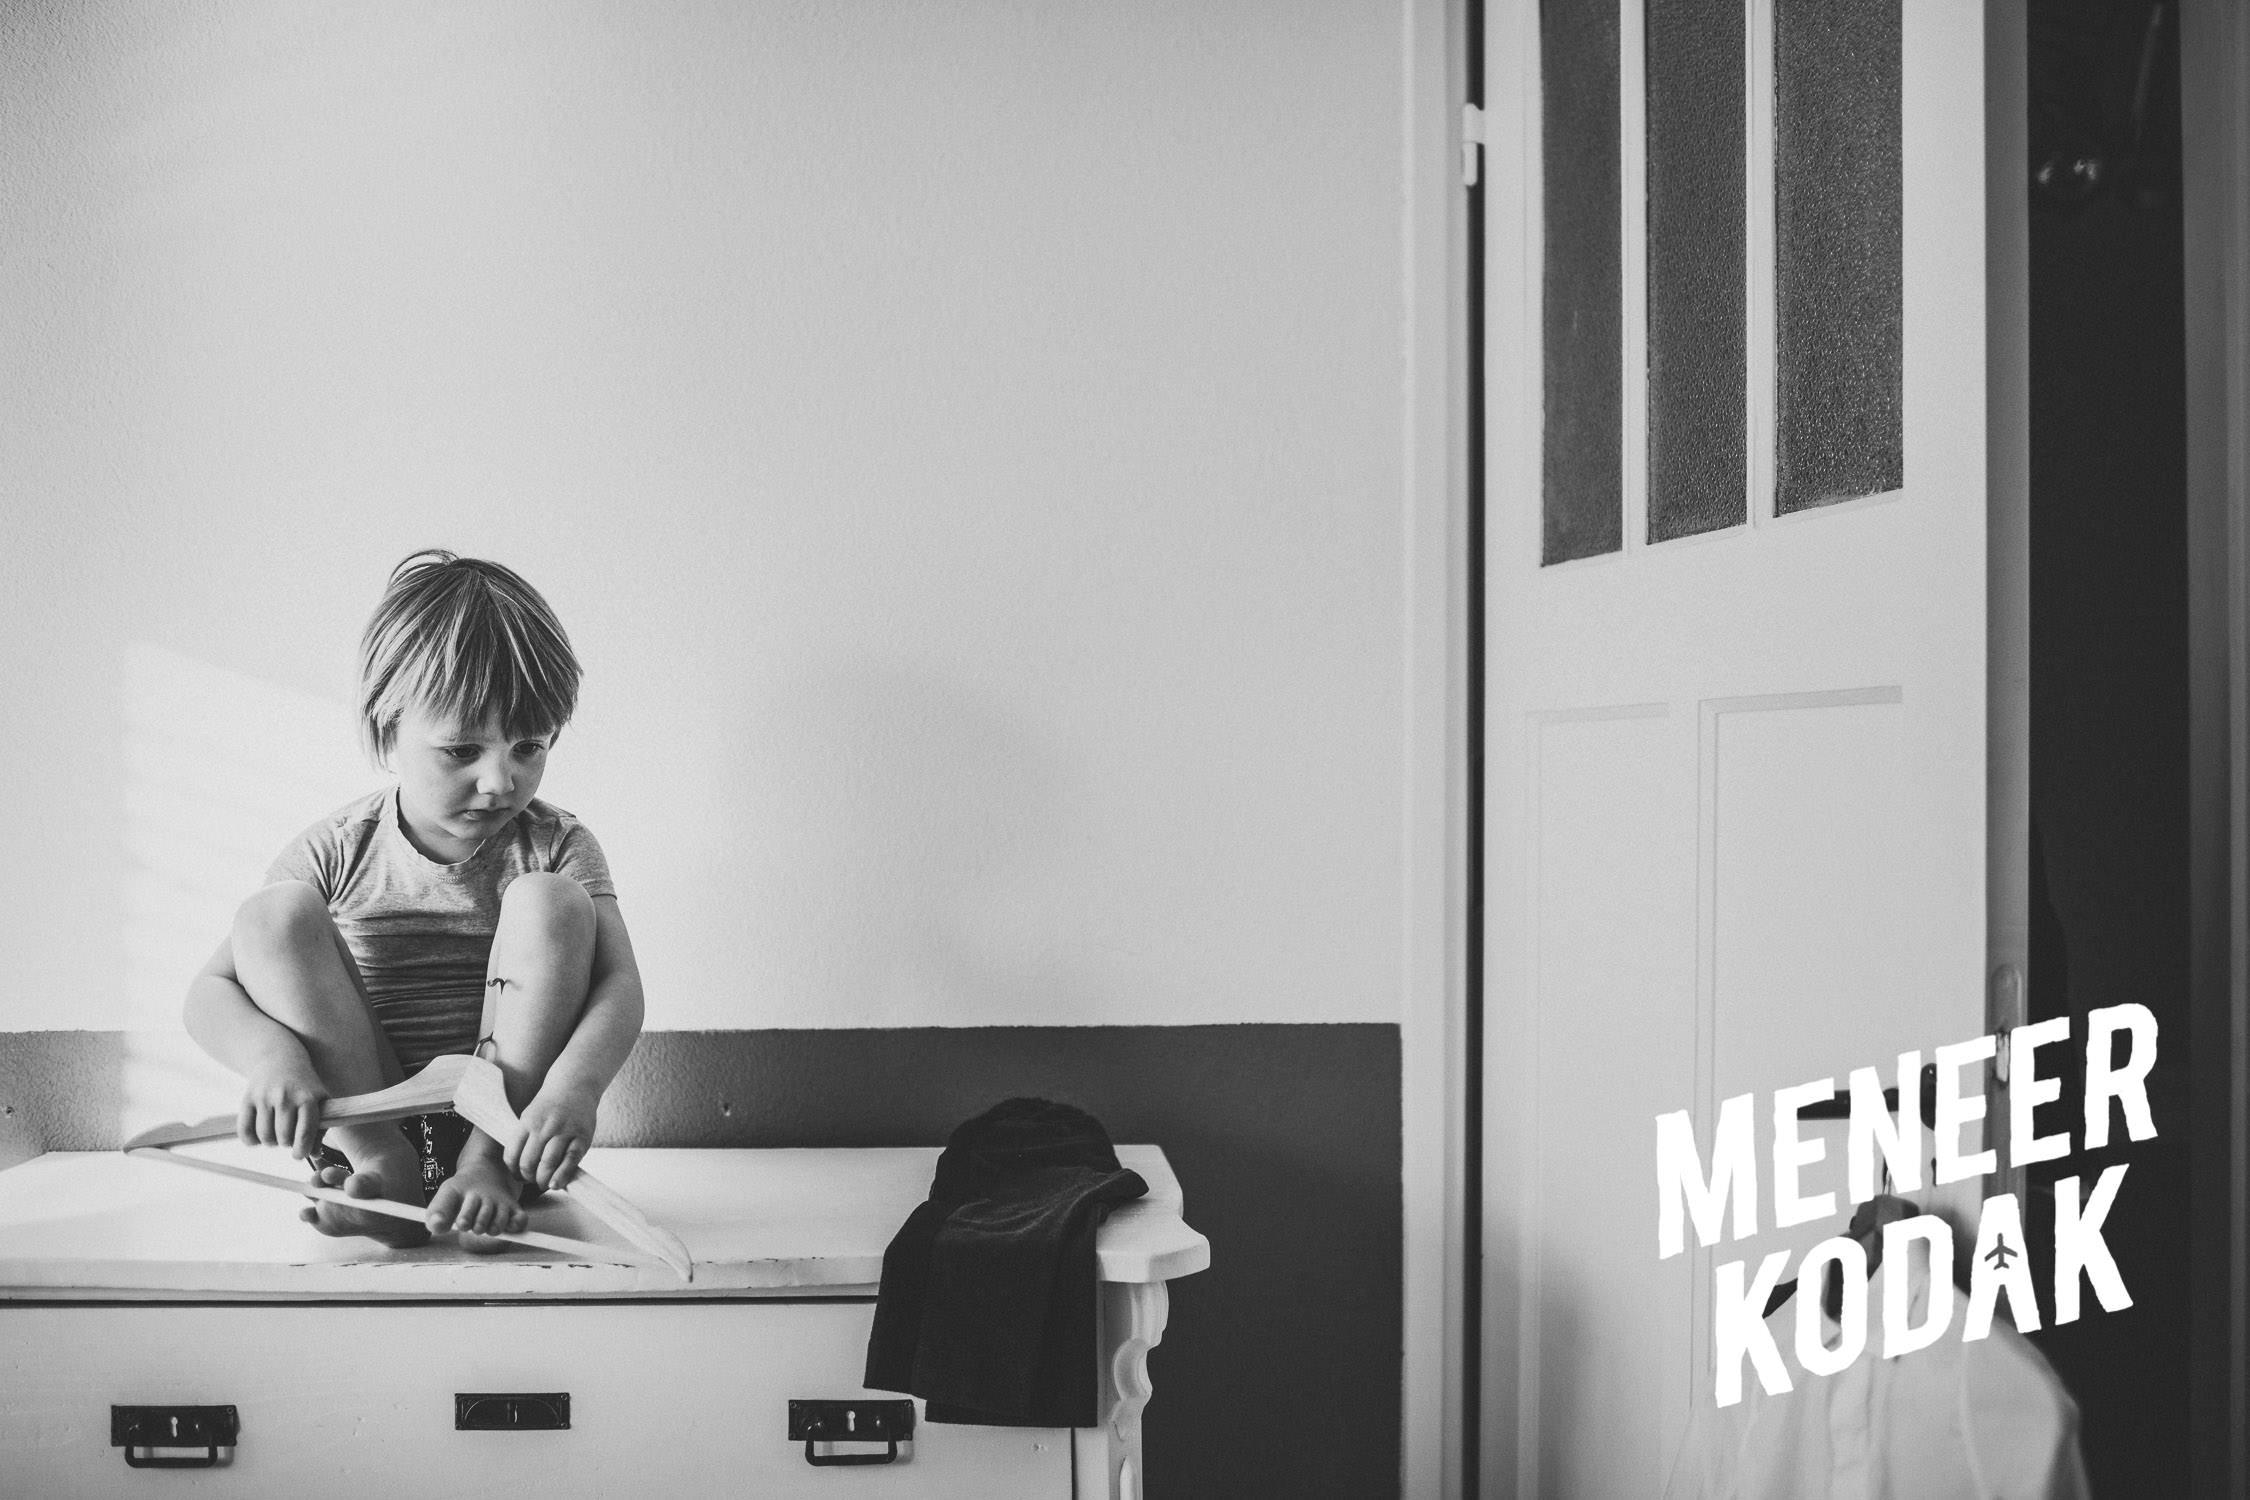 Meneer Kodak - Bruidsfotograaf - Breda - S&R-057.jpg